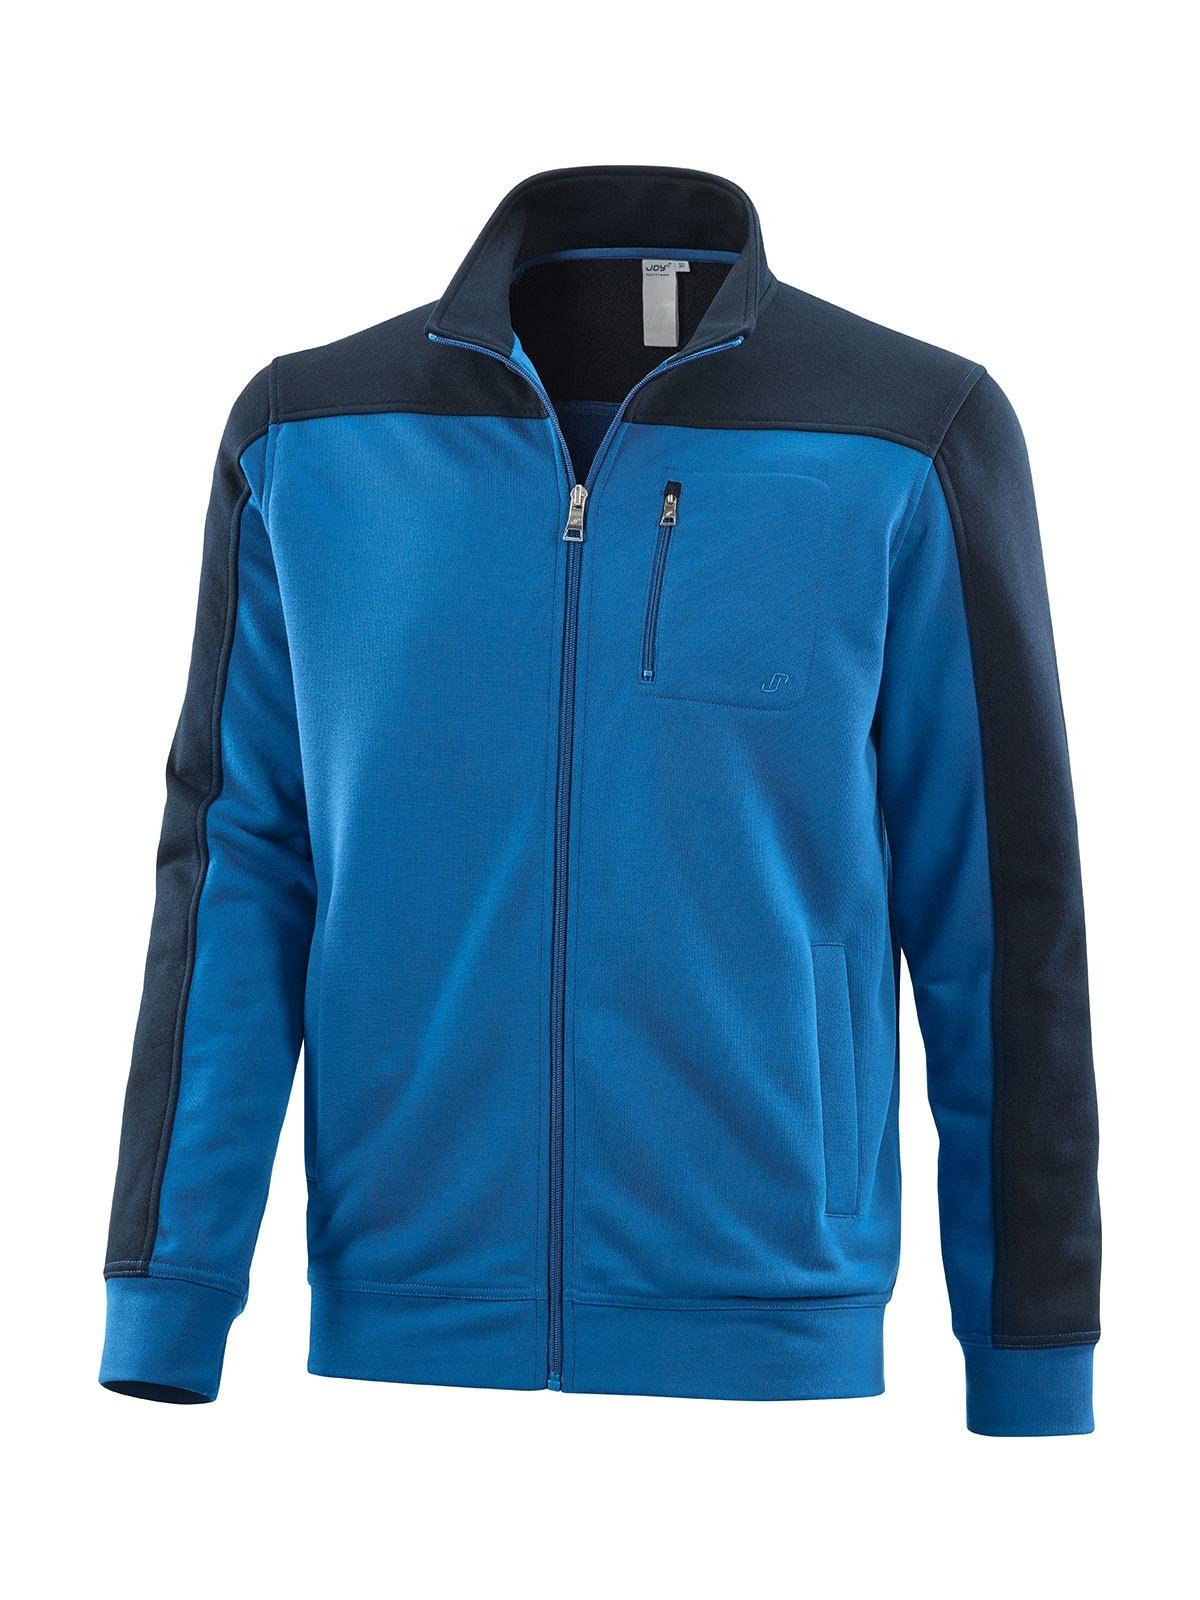 Joy Sportswear Trainingsjacke KIRO | Sportbekleidung > Sportjacken > Sonstige Sportjacken | Blau | Joy Sportswear